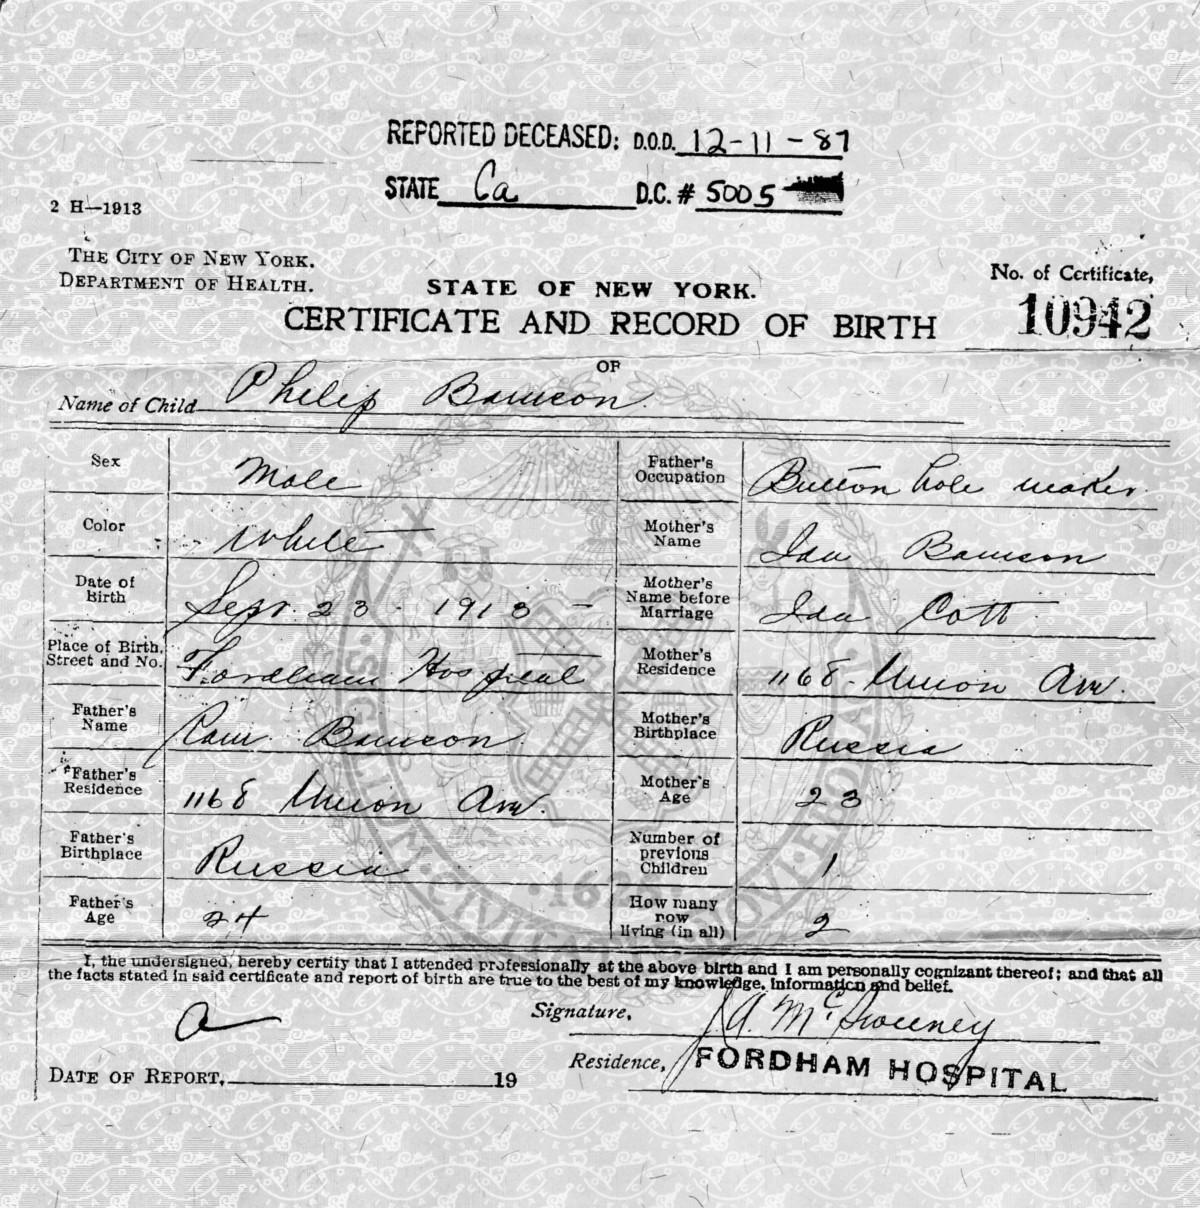 Копия свидетельства орождении Филлипа Бенсона, вкотором его имя неверно записано как «Филип Бамсон». Рождённый втот же день, что иДжим Коллинз, из-за случайности он поехал домой ссемьёй Коллинз.